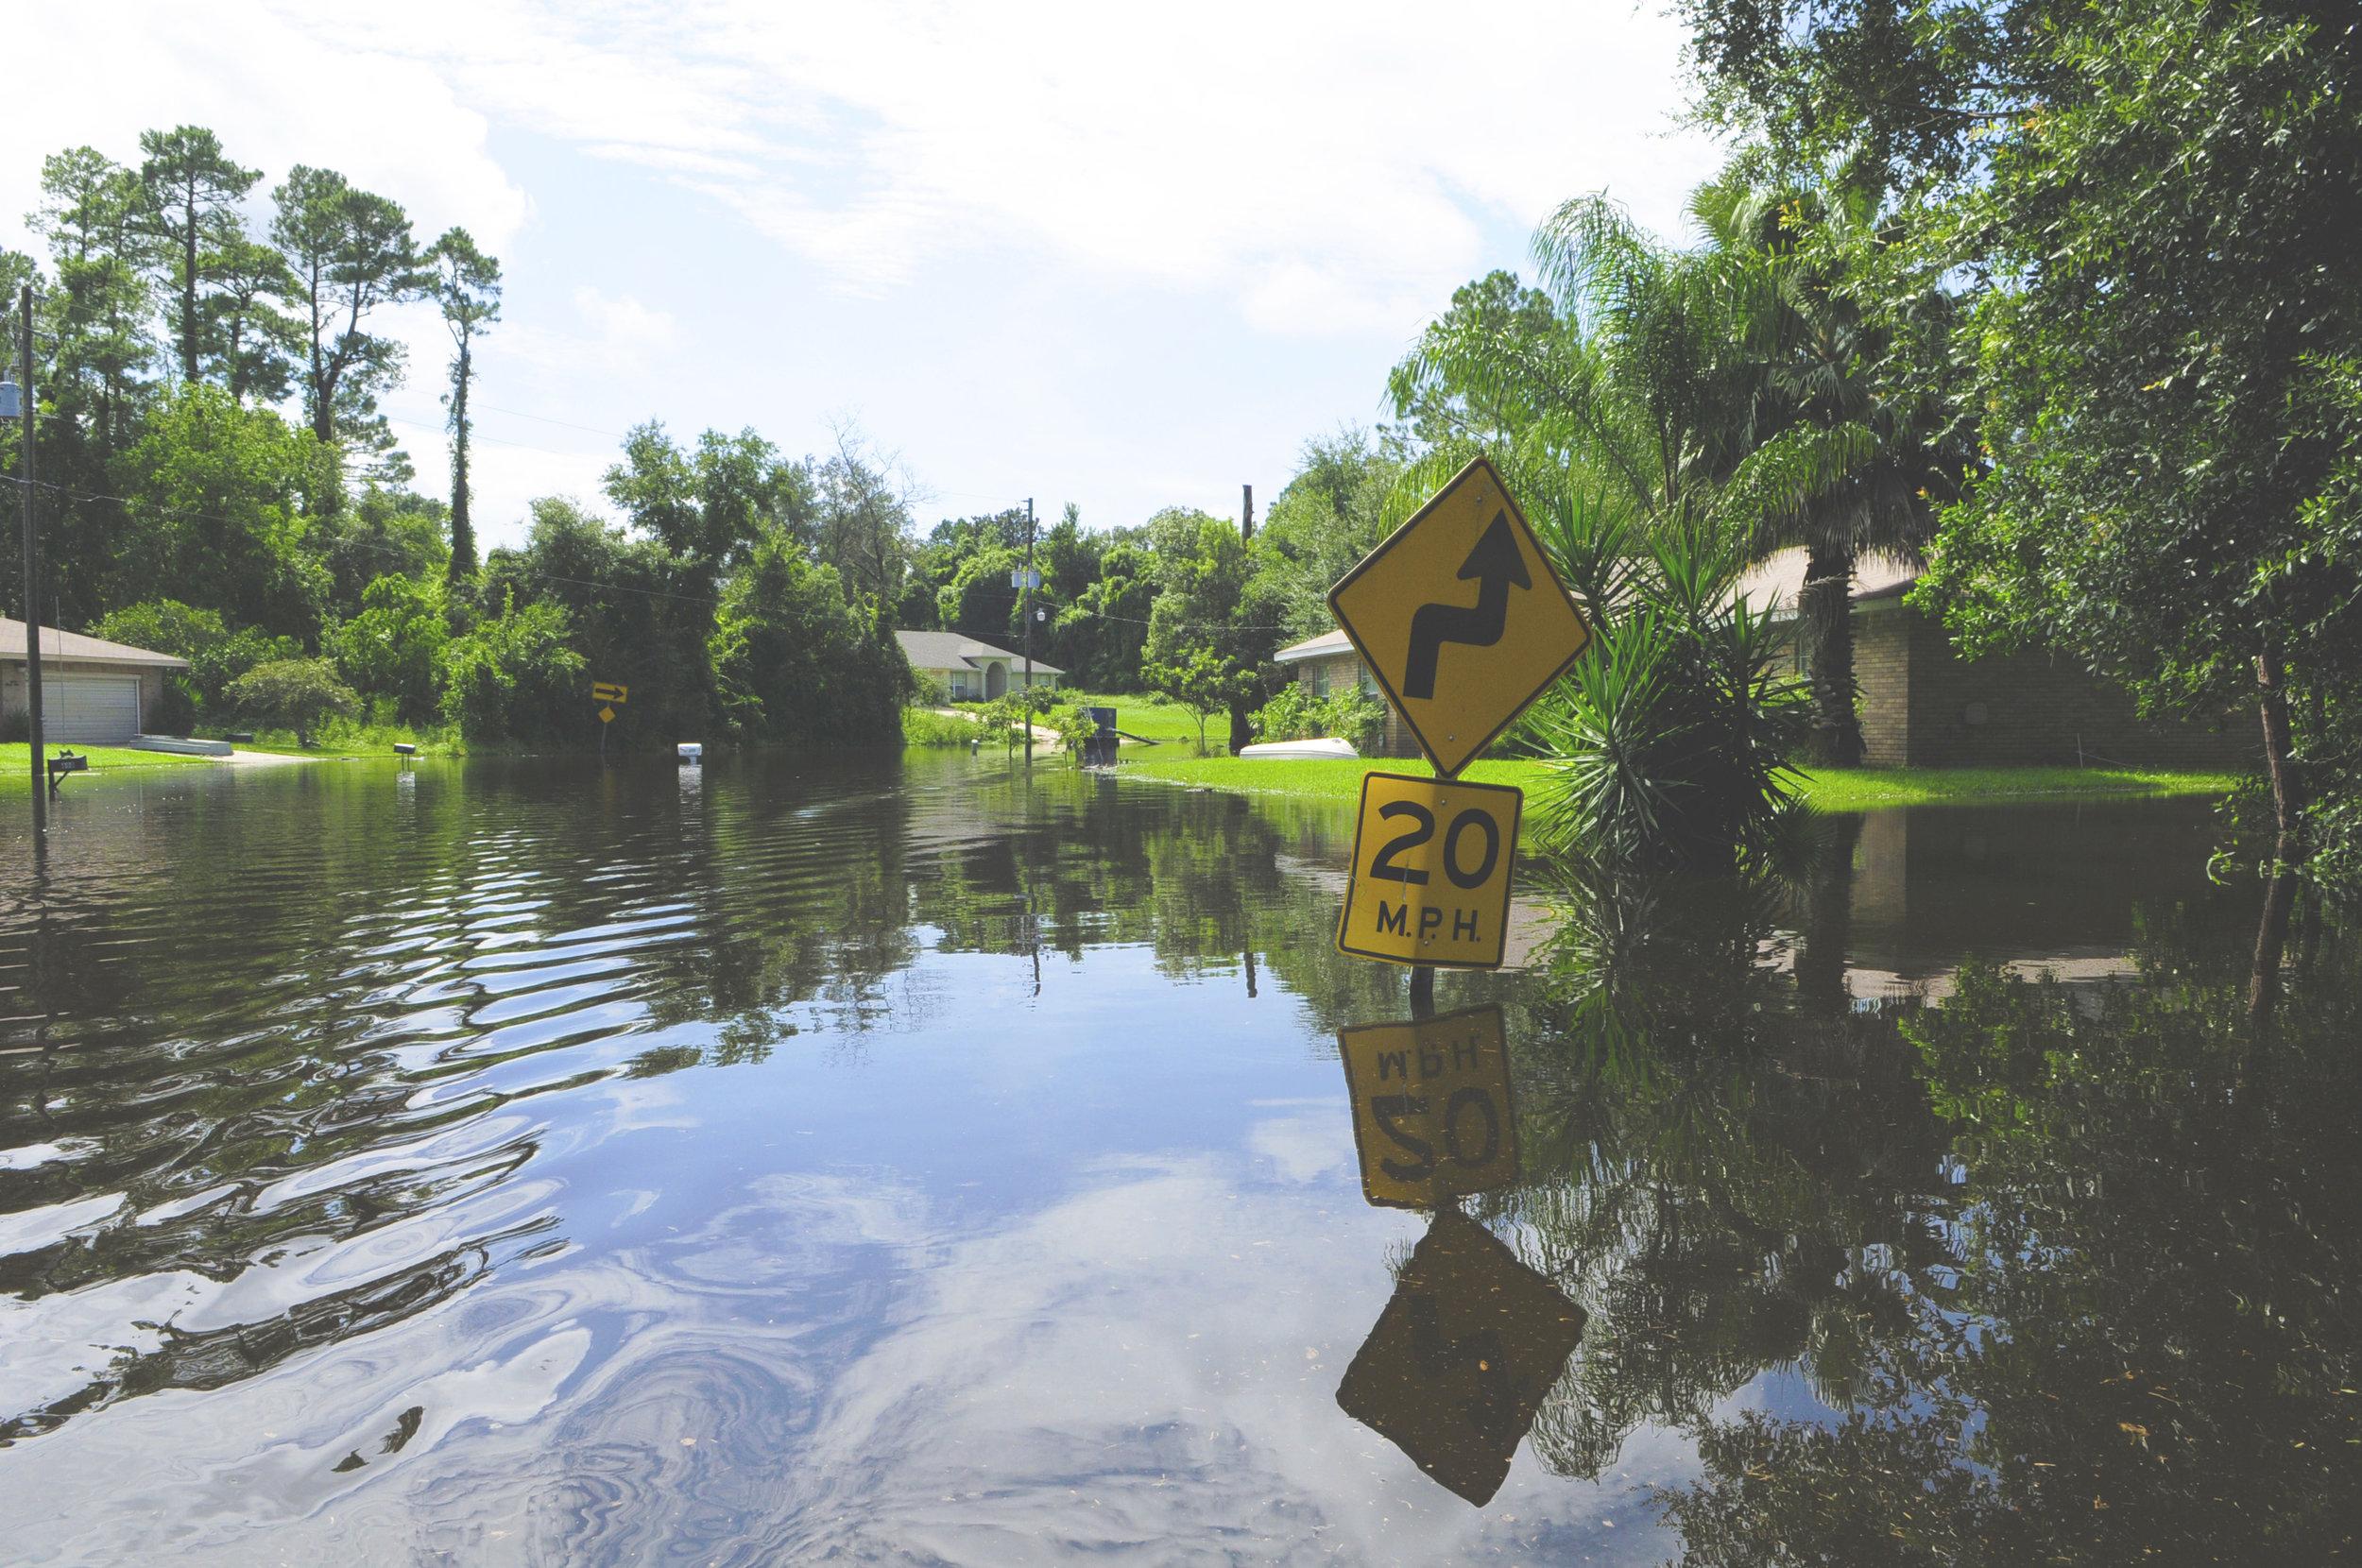 FEMA_-_37615_-_Community_flooded_by_Tropical_Storm_Fay_in_Florida edit.jpg